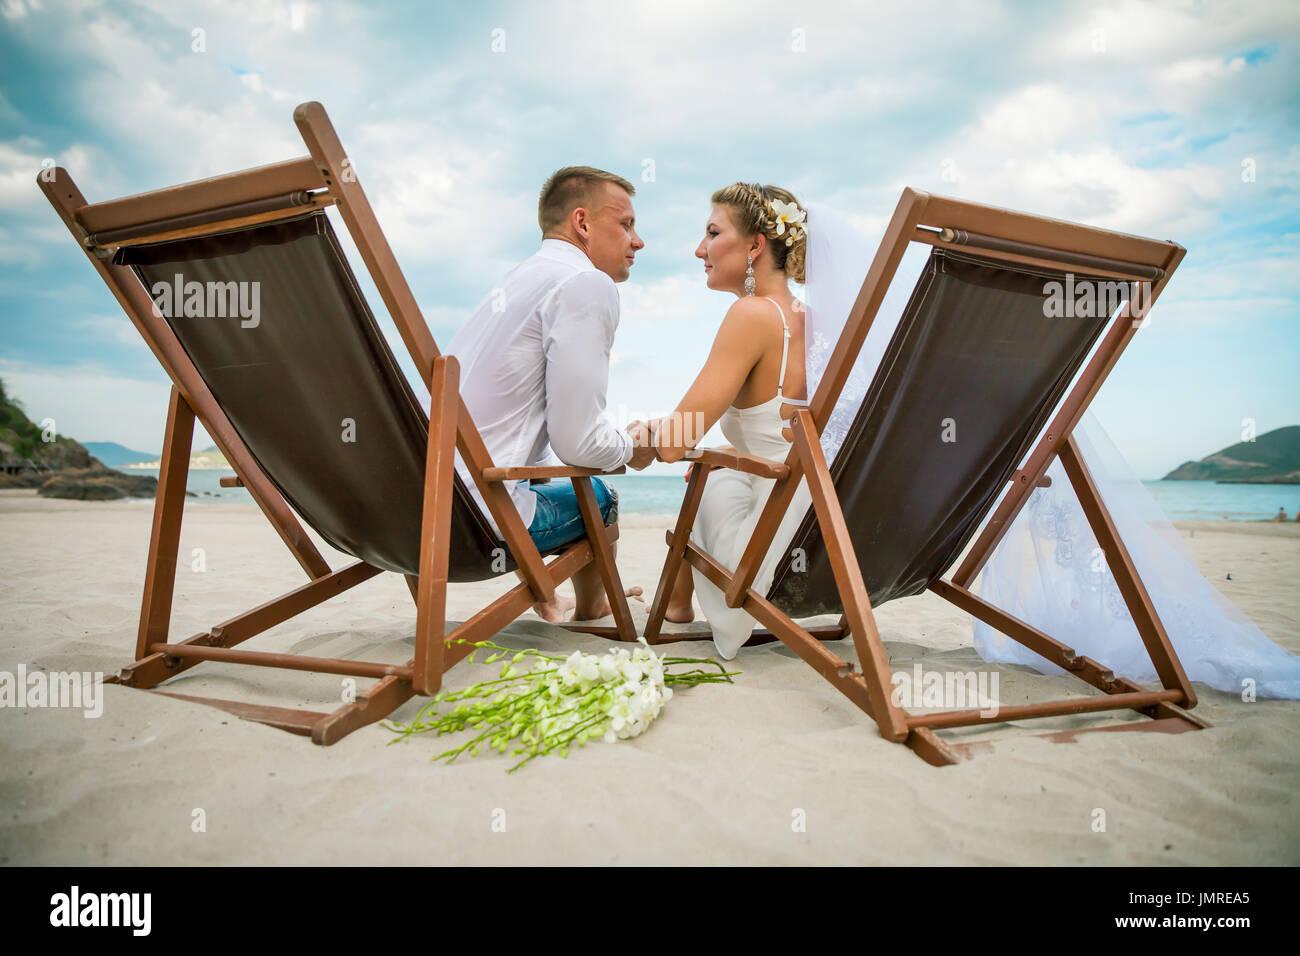 Lo Sdraio O La Sdraio.Sposa E Lo Sposo Seduto Nella Sedia A Sdraio In Riva Al Mare Il